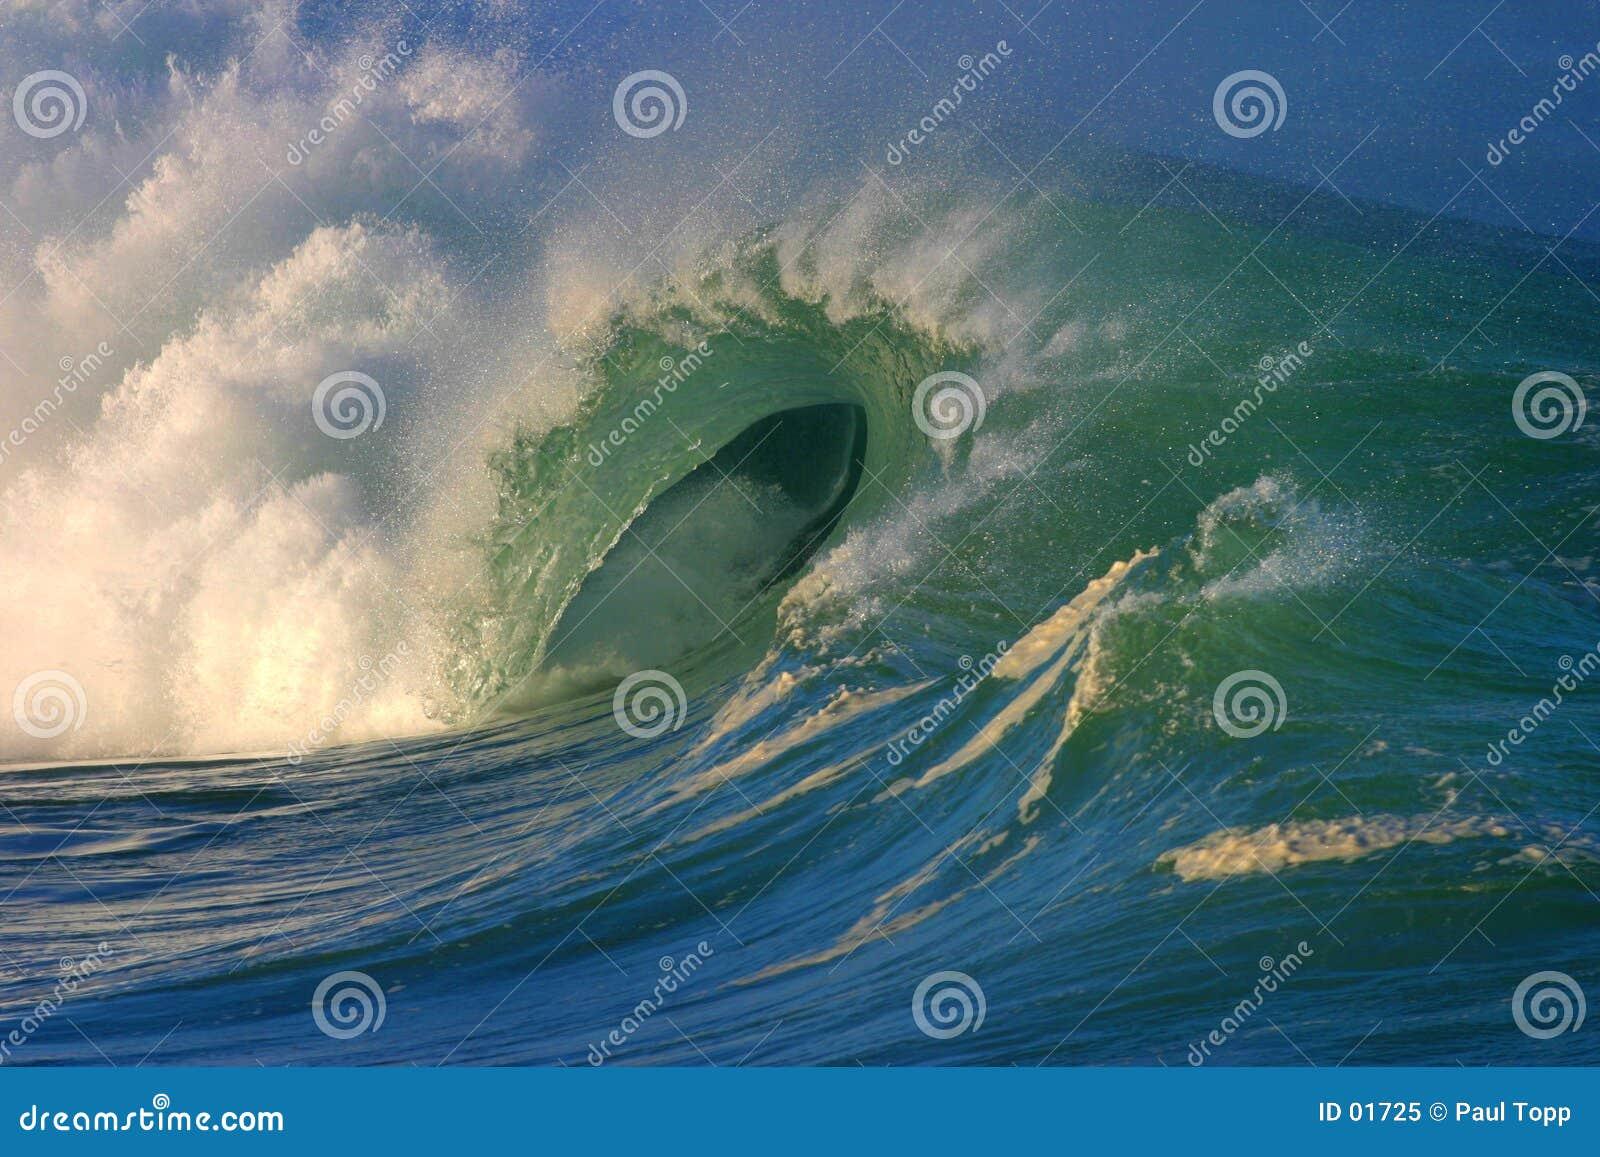 La onda perfecta